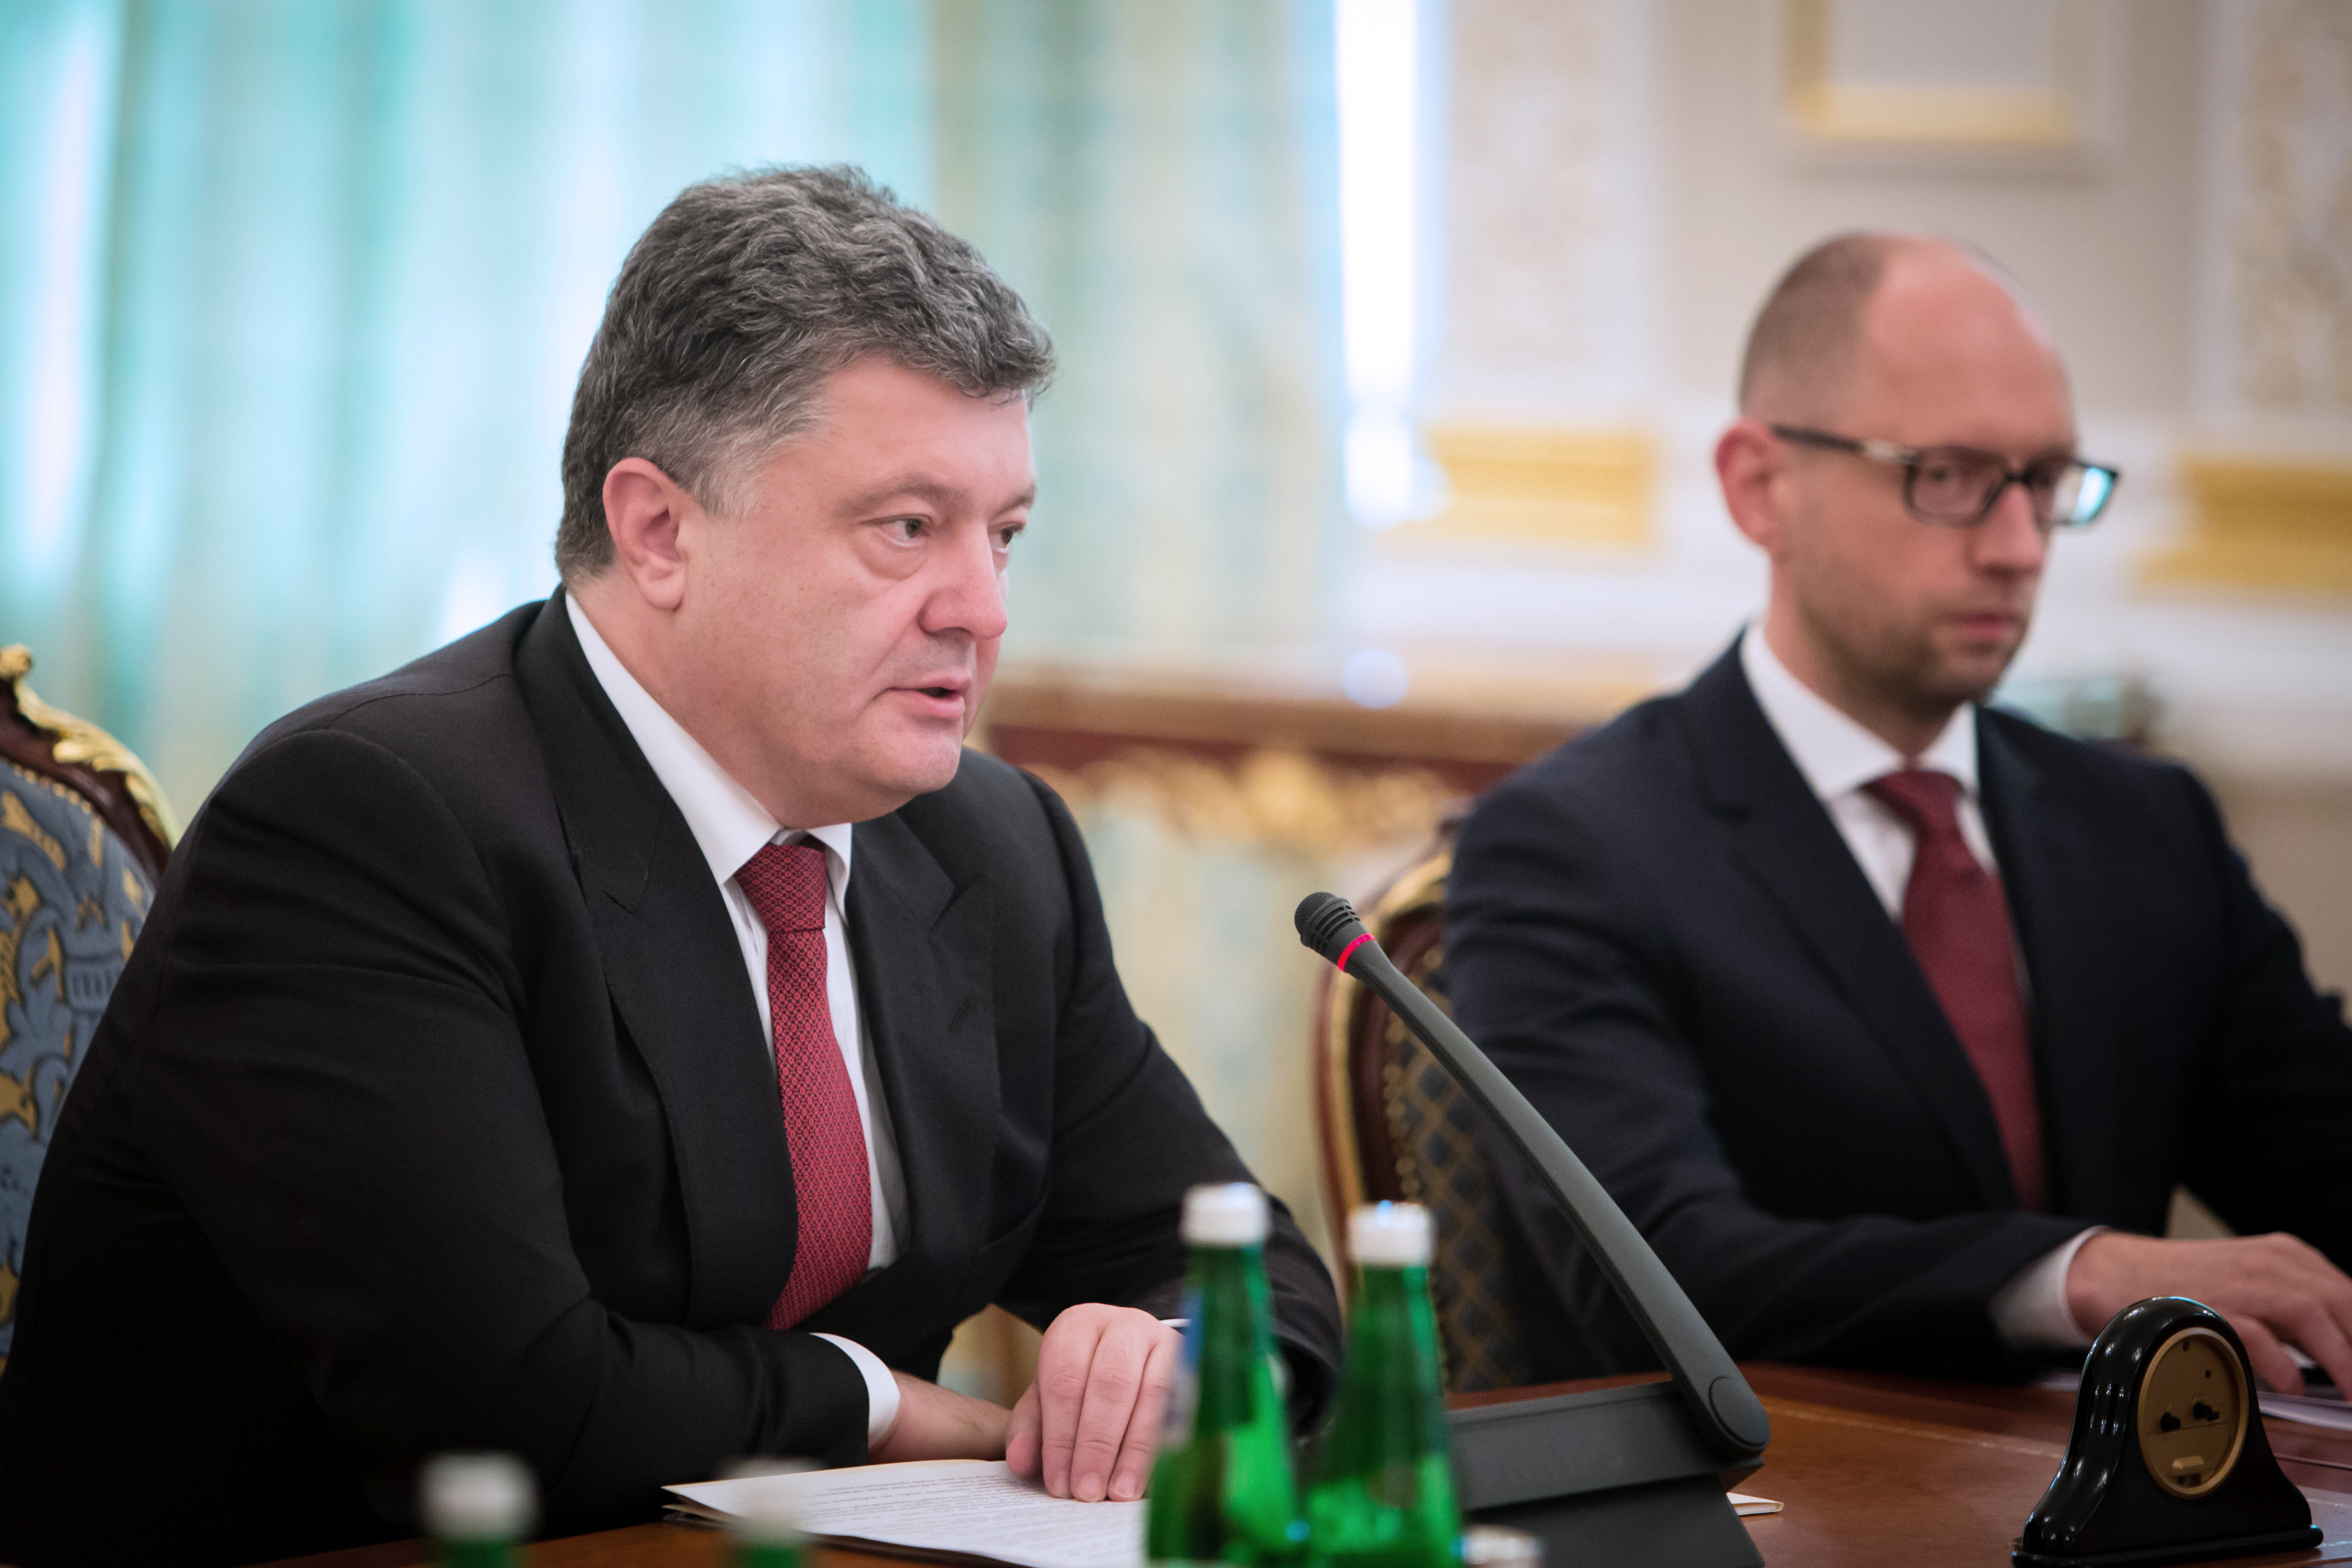 Президент Украины Пётр Порошенко и премьер-министр Украины Арсений Яценюк